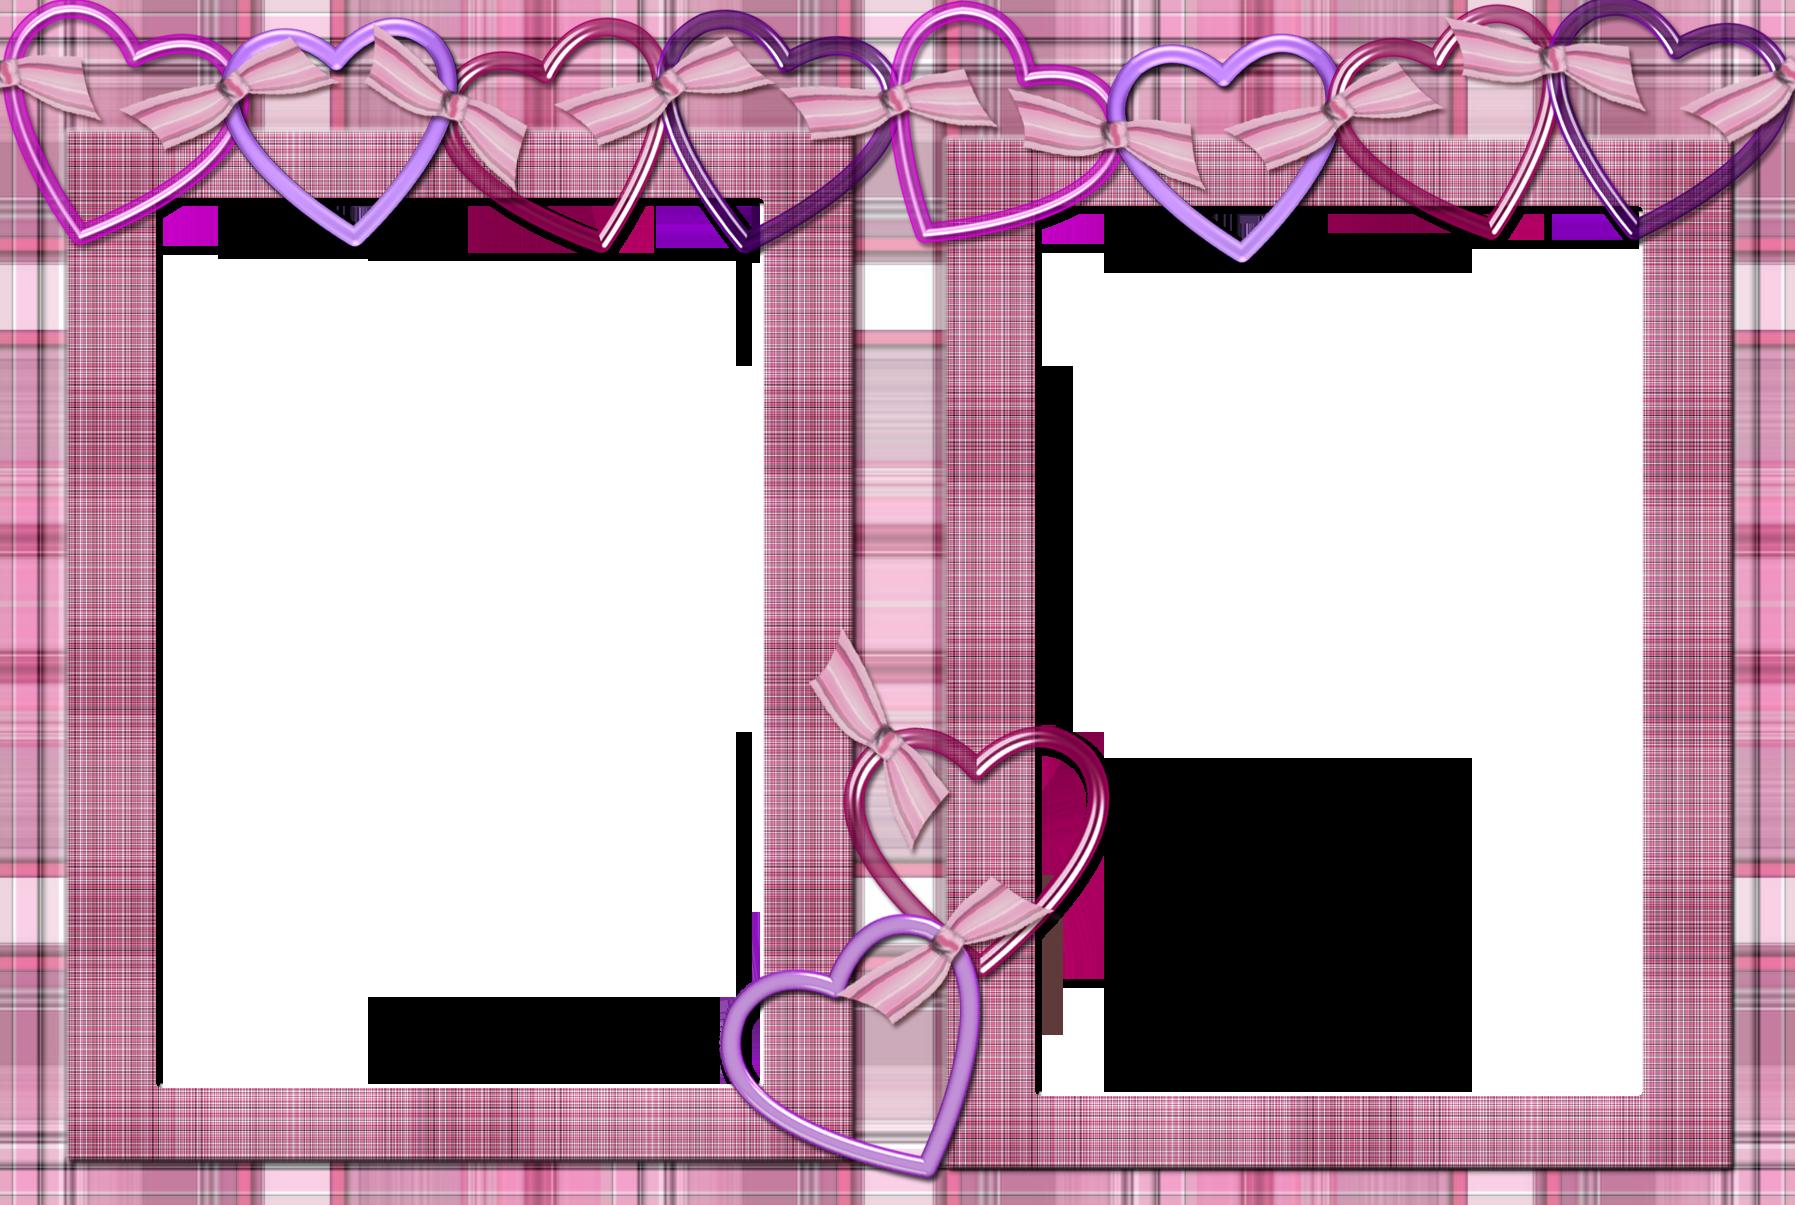 Marco Para San Valentin 14 Descargar Marcos Para Fotos Photo Frame Heart Photo Frame Images Love Frames